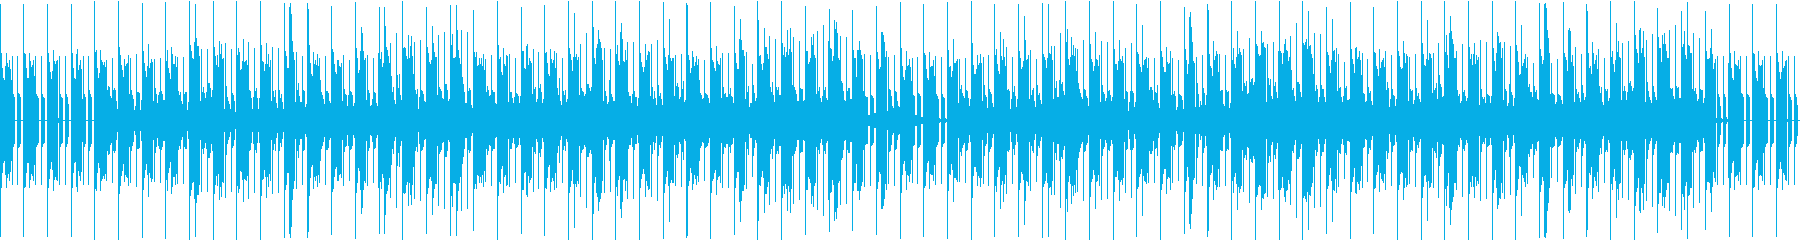 緊迫感あるSF向けBGMの再生済みの波形